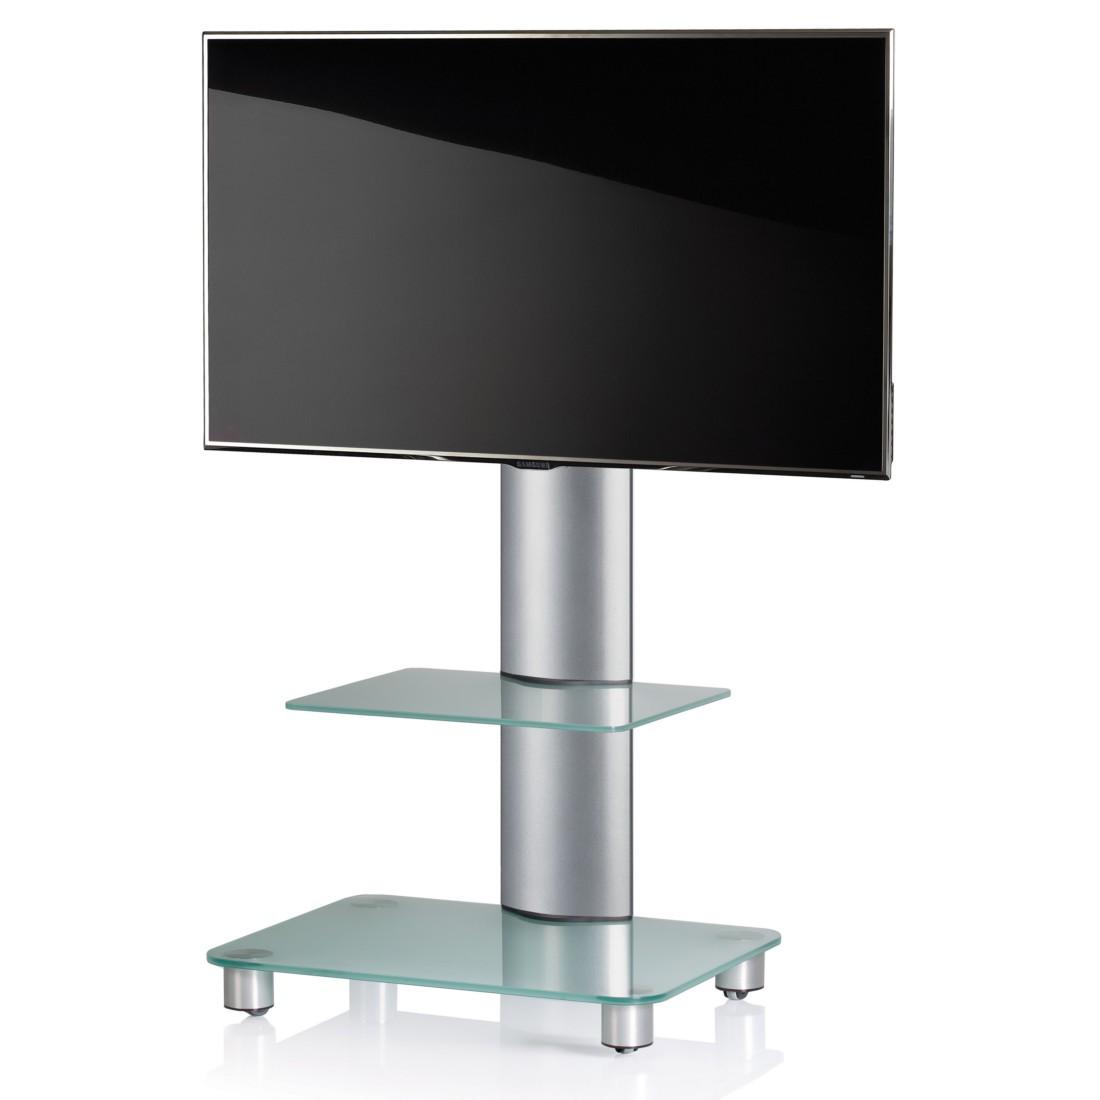 vcm tv standfuss bilano silber mit zwischenboden tv rack aus aluminium und glas. Black Bedroom Furniture Sets. Home Design Ideas